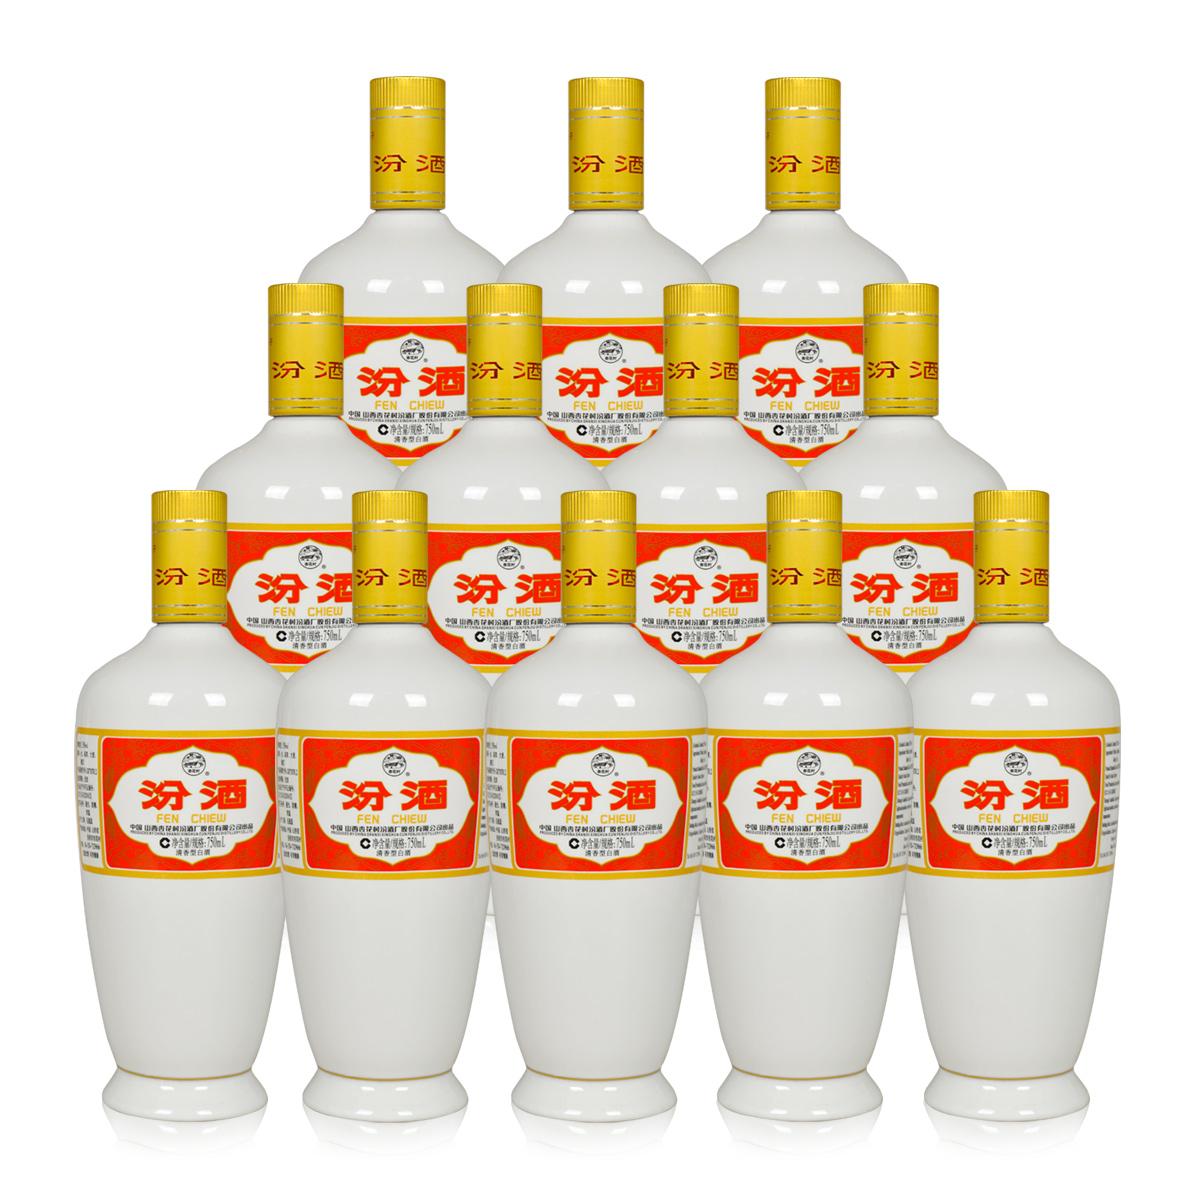 汾酒53度瓷瓶出口750ml*12瓶整箱装山西特产杏花村清香型白酒